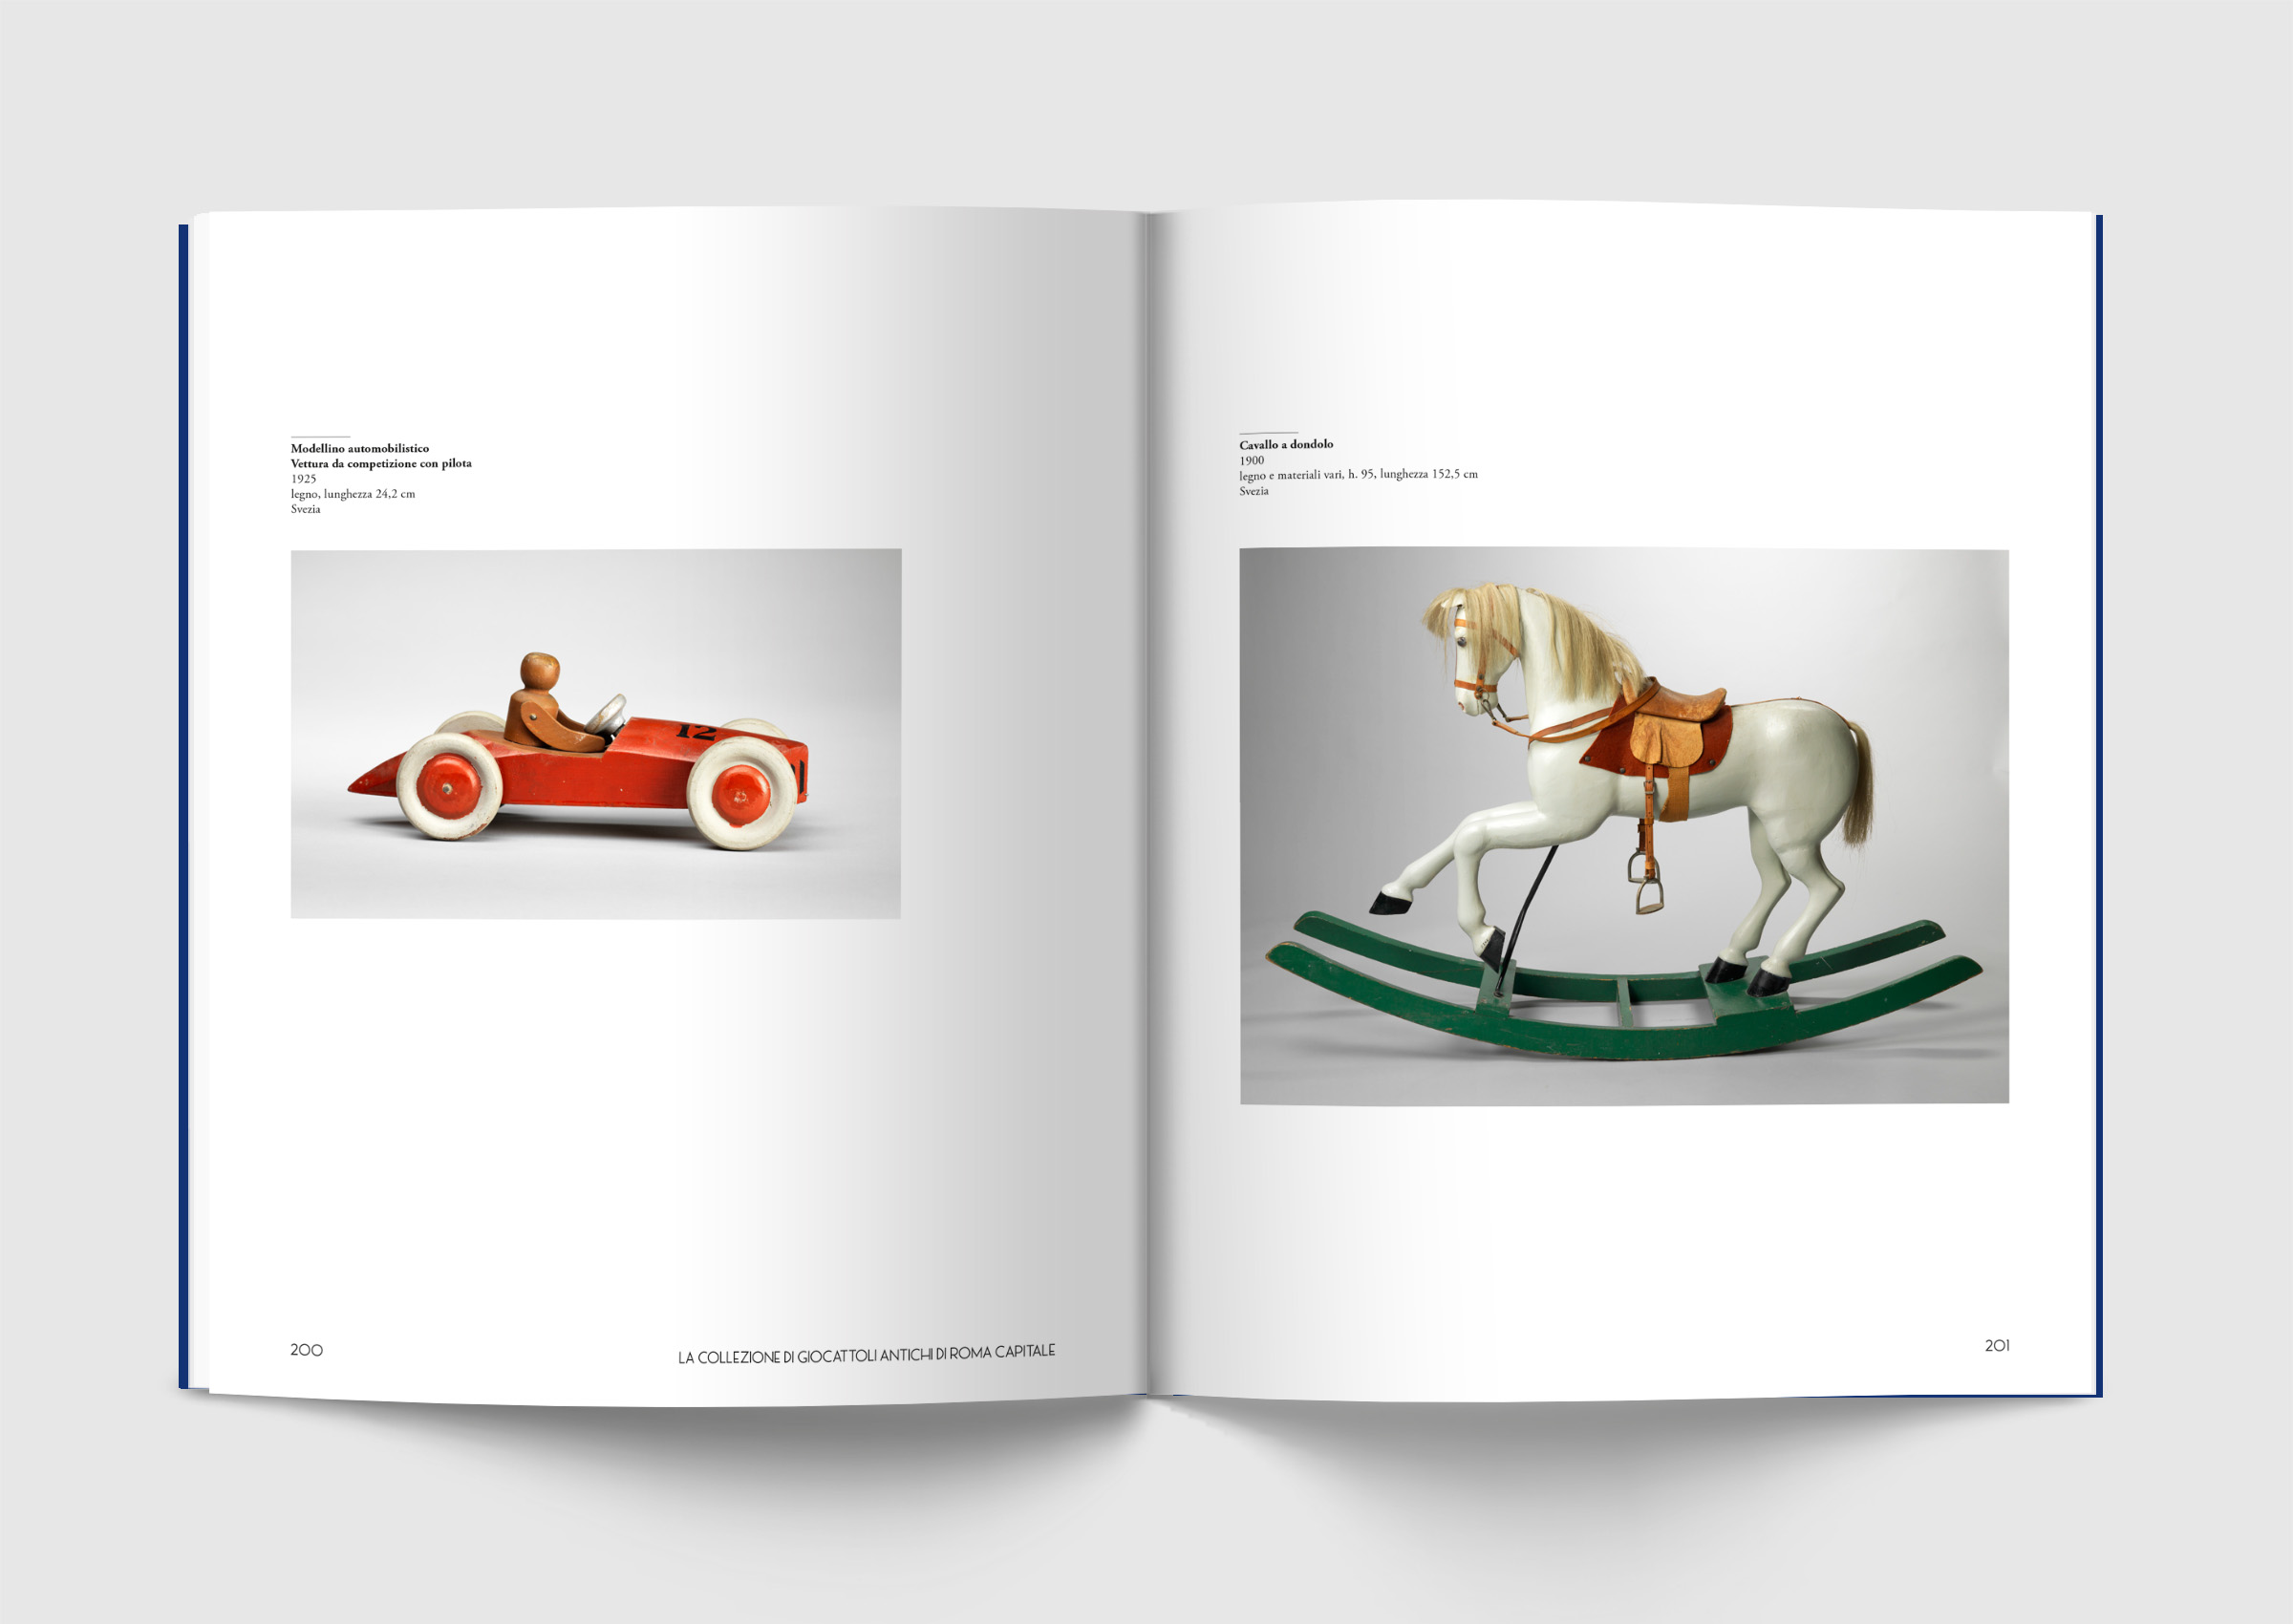 Catalogo Mostra, La Trottola e il Robot, Casorati, Balla, Capogrossi, Palp, Pontedera, Design Deferrari modesti